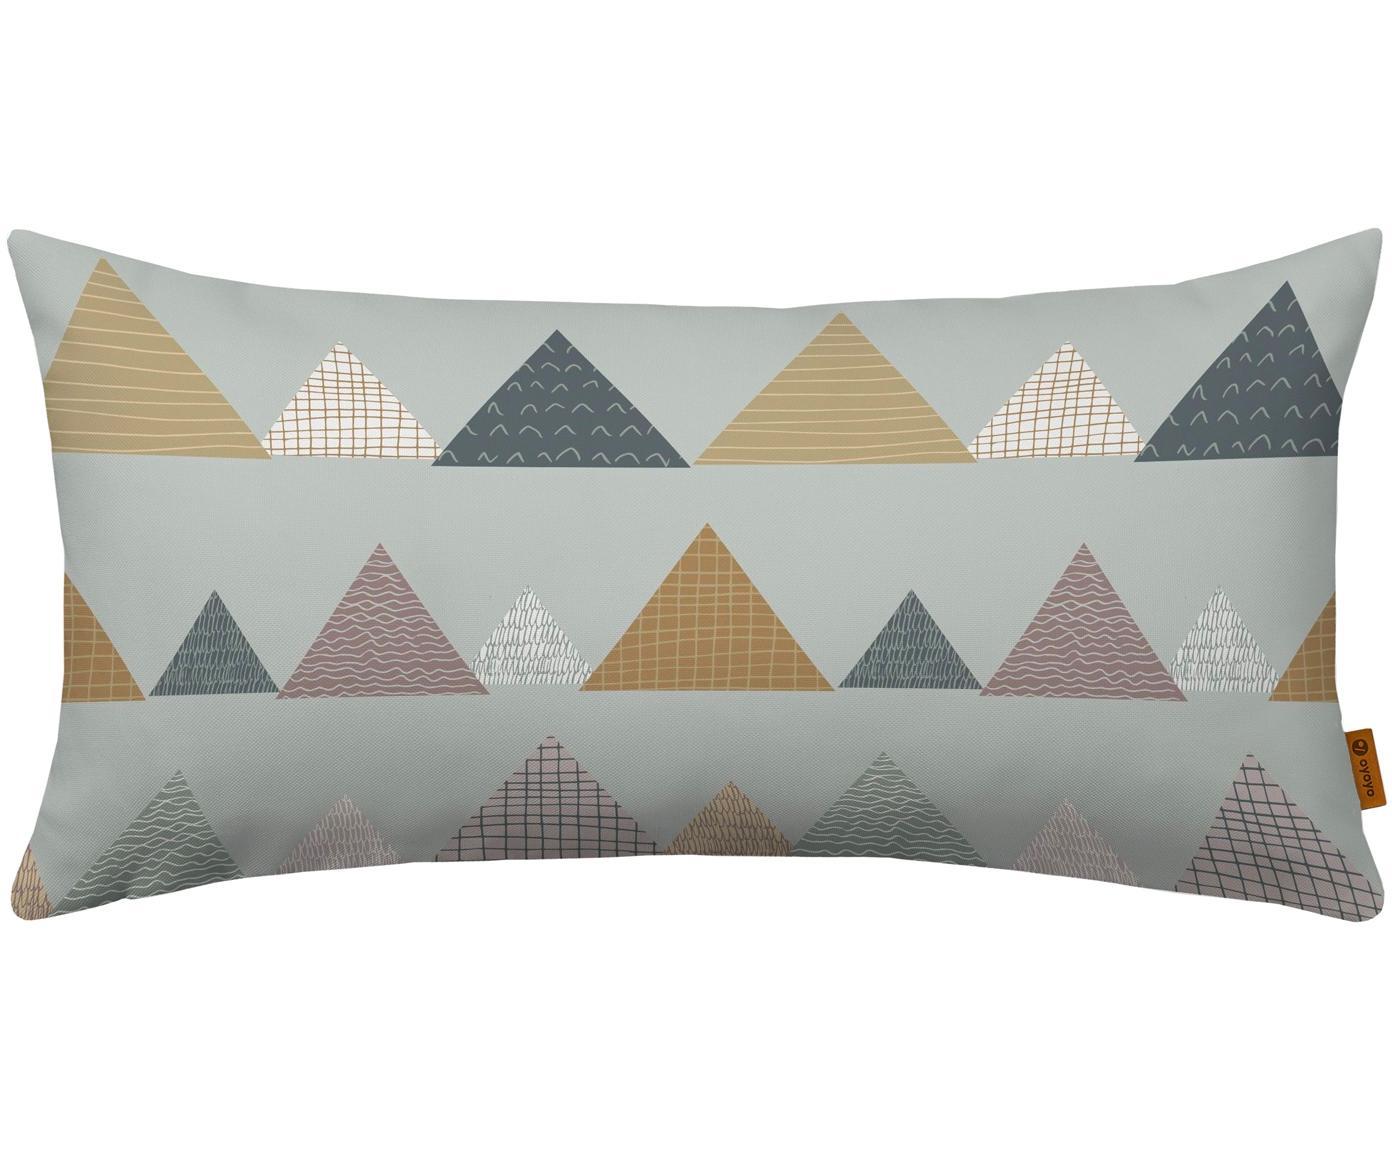 Kissen Mountains, mit Inlett, Bezug: Baumwolle, Grau, Mehrfarbig, 30 x 60 cm